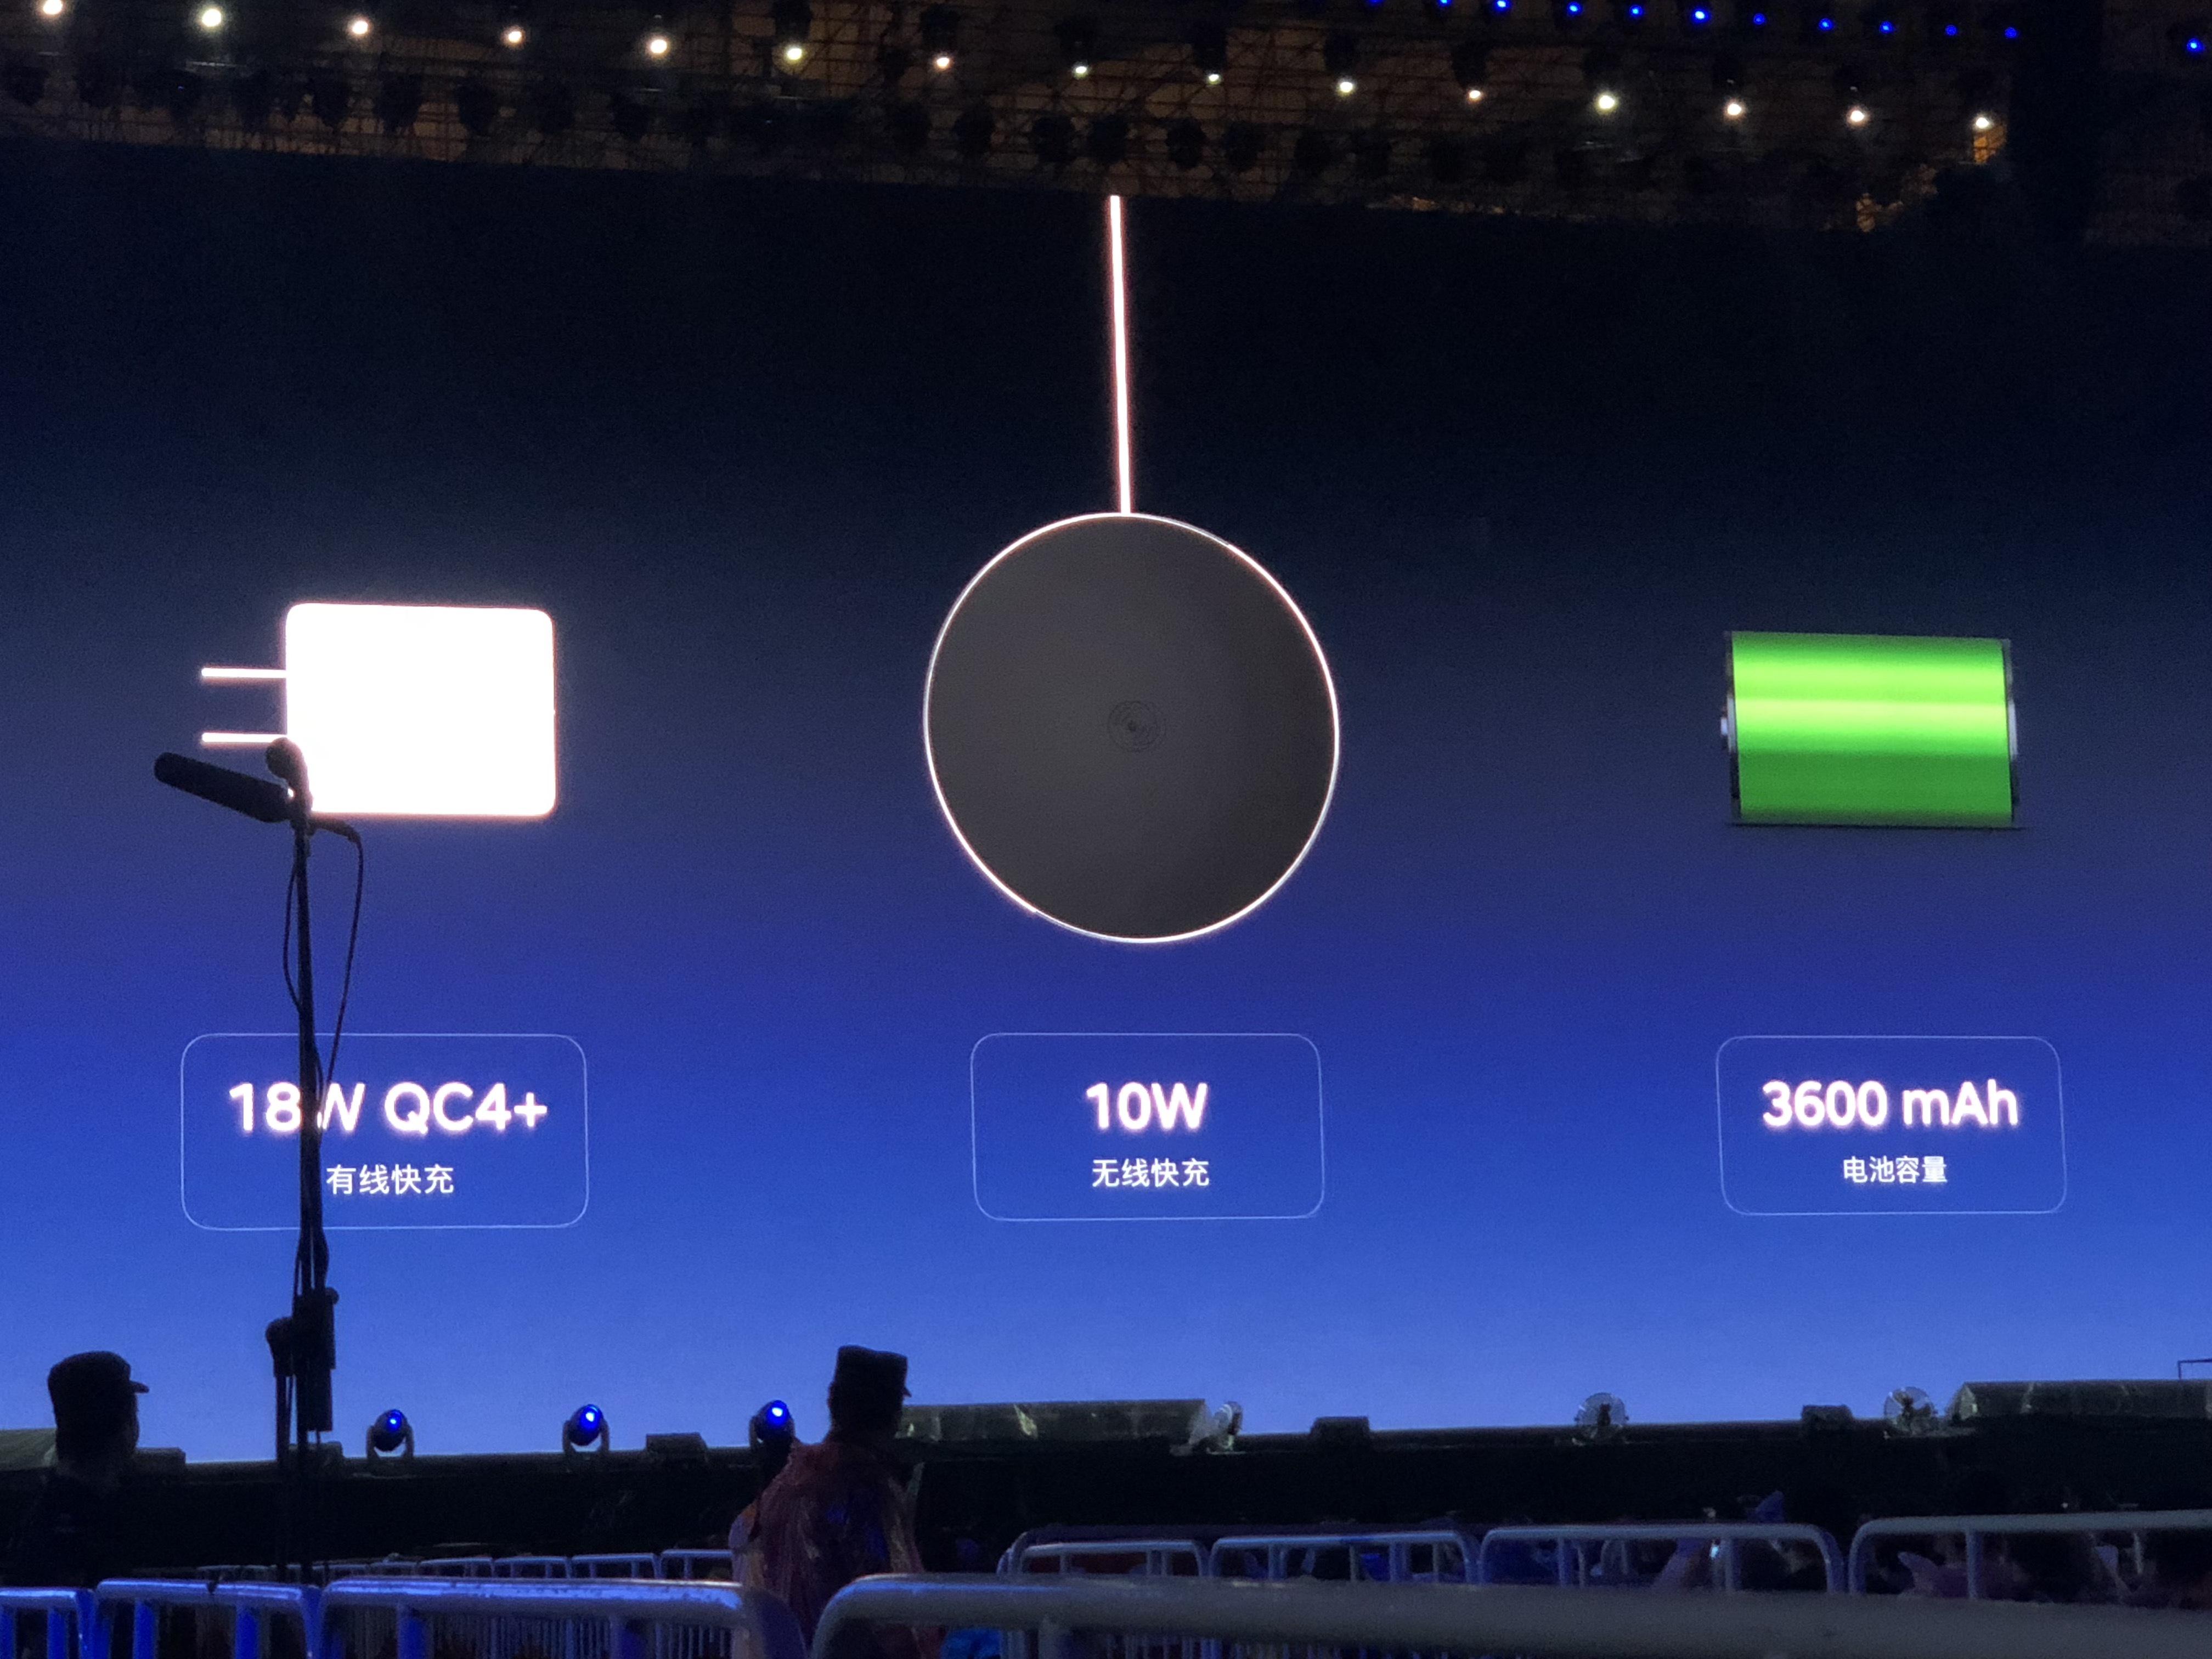 史上最大科技发布会 锤子带来了8848元的手机和14999元的平板电脑的照片 - 6